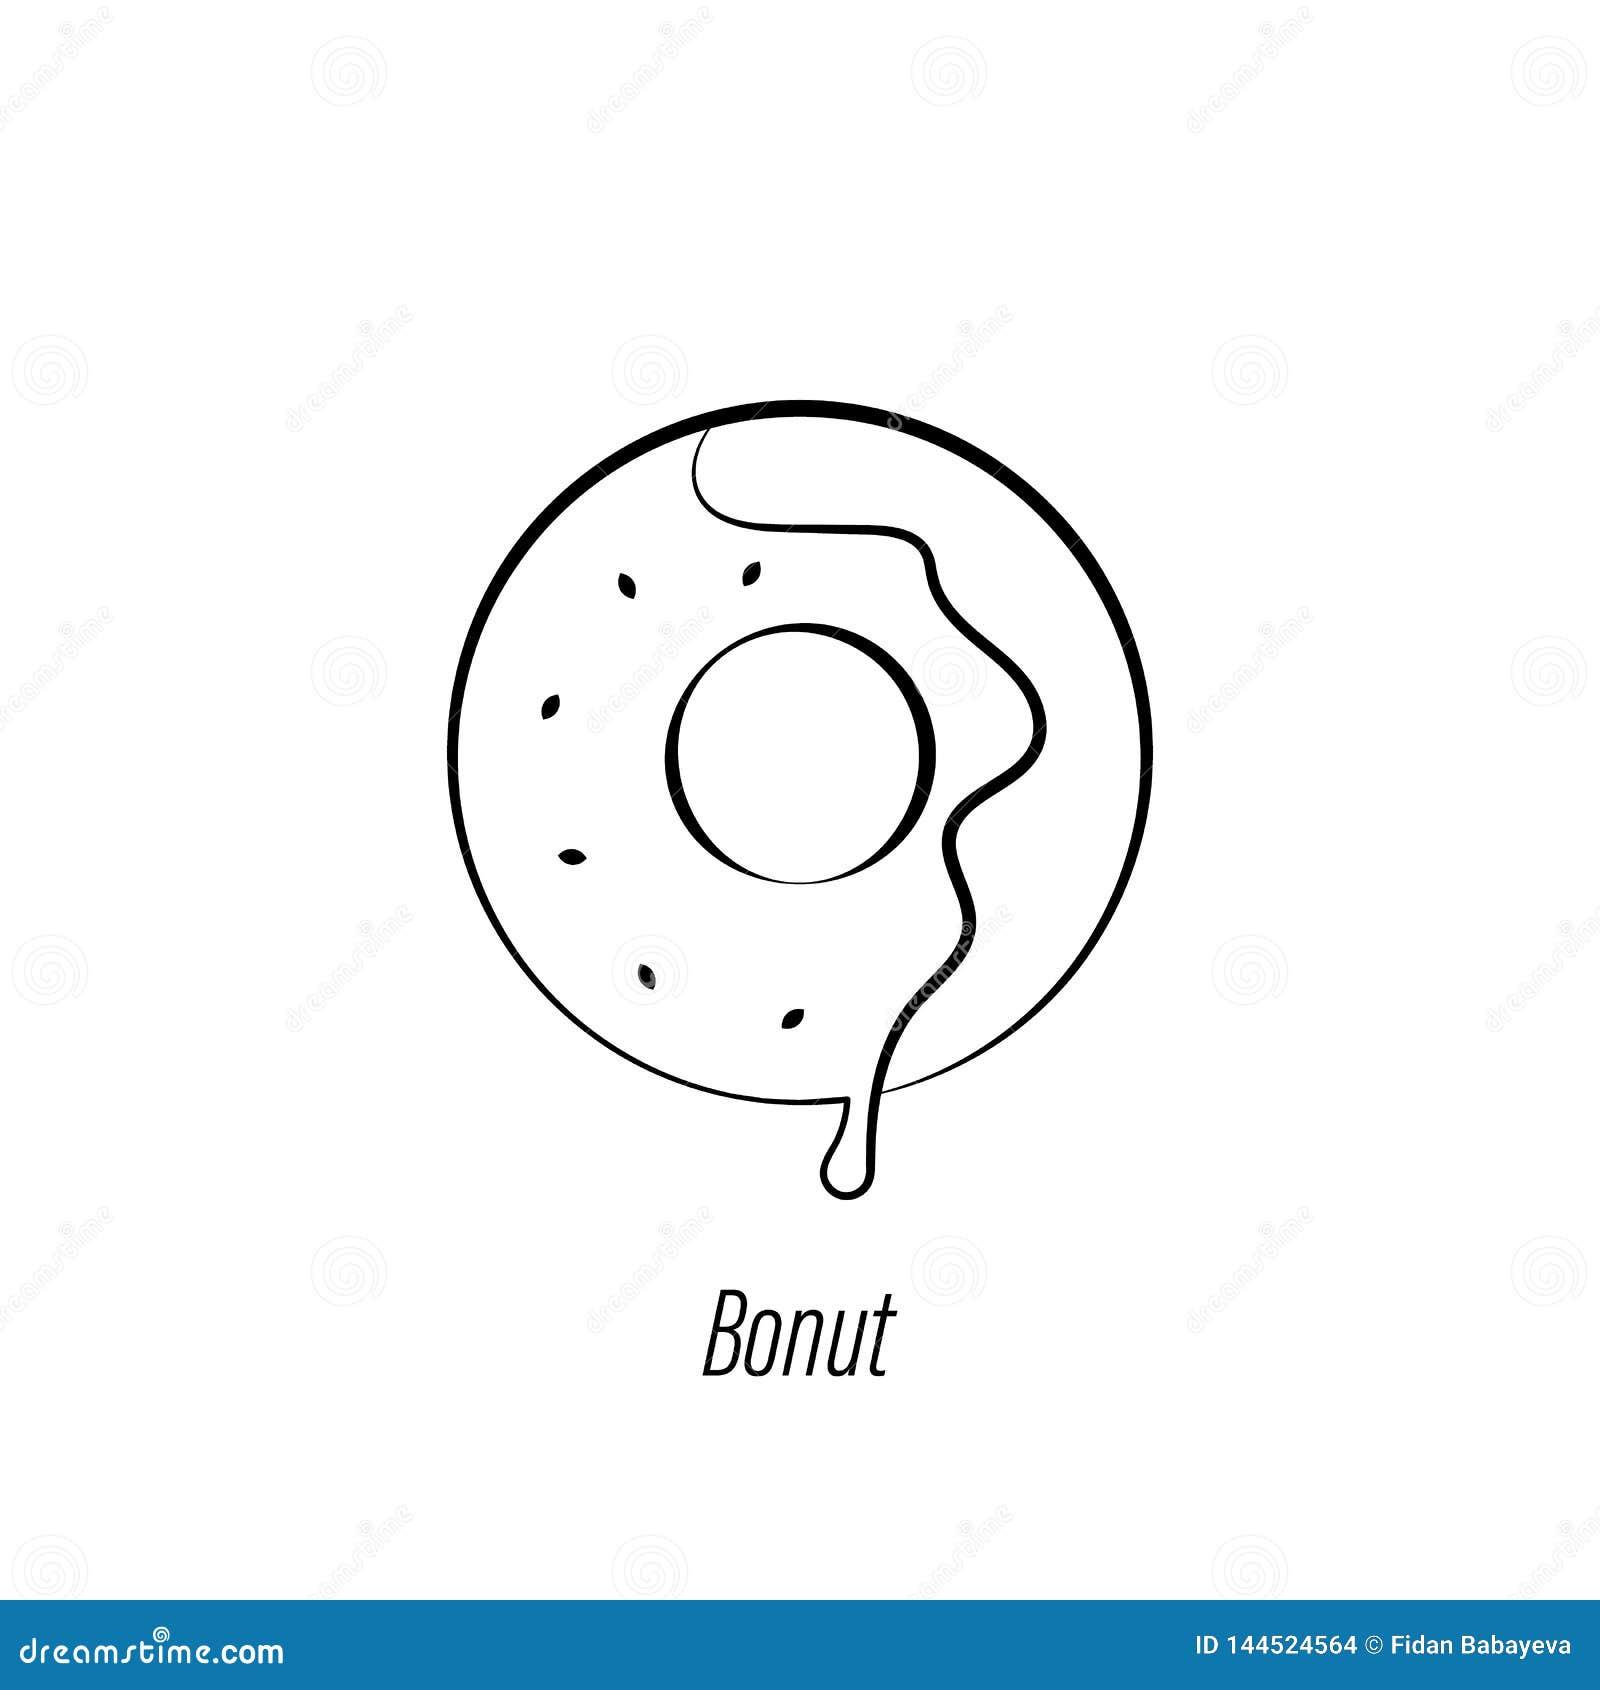 Kawowa p?czek r?ki remisu ikona Element kawowa ilustracyjna ikona Znaki i symbole mog? u?ywa? dla sieci, logo, mobilny app, UI, U